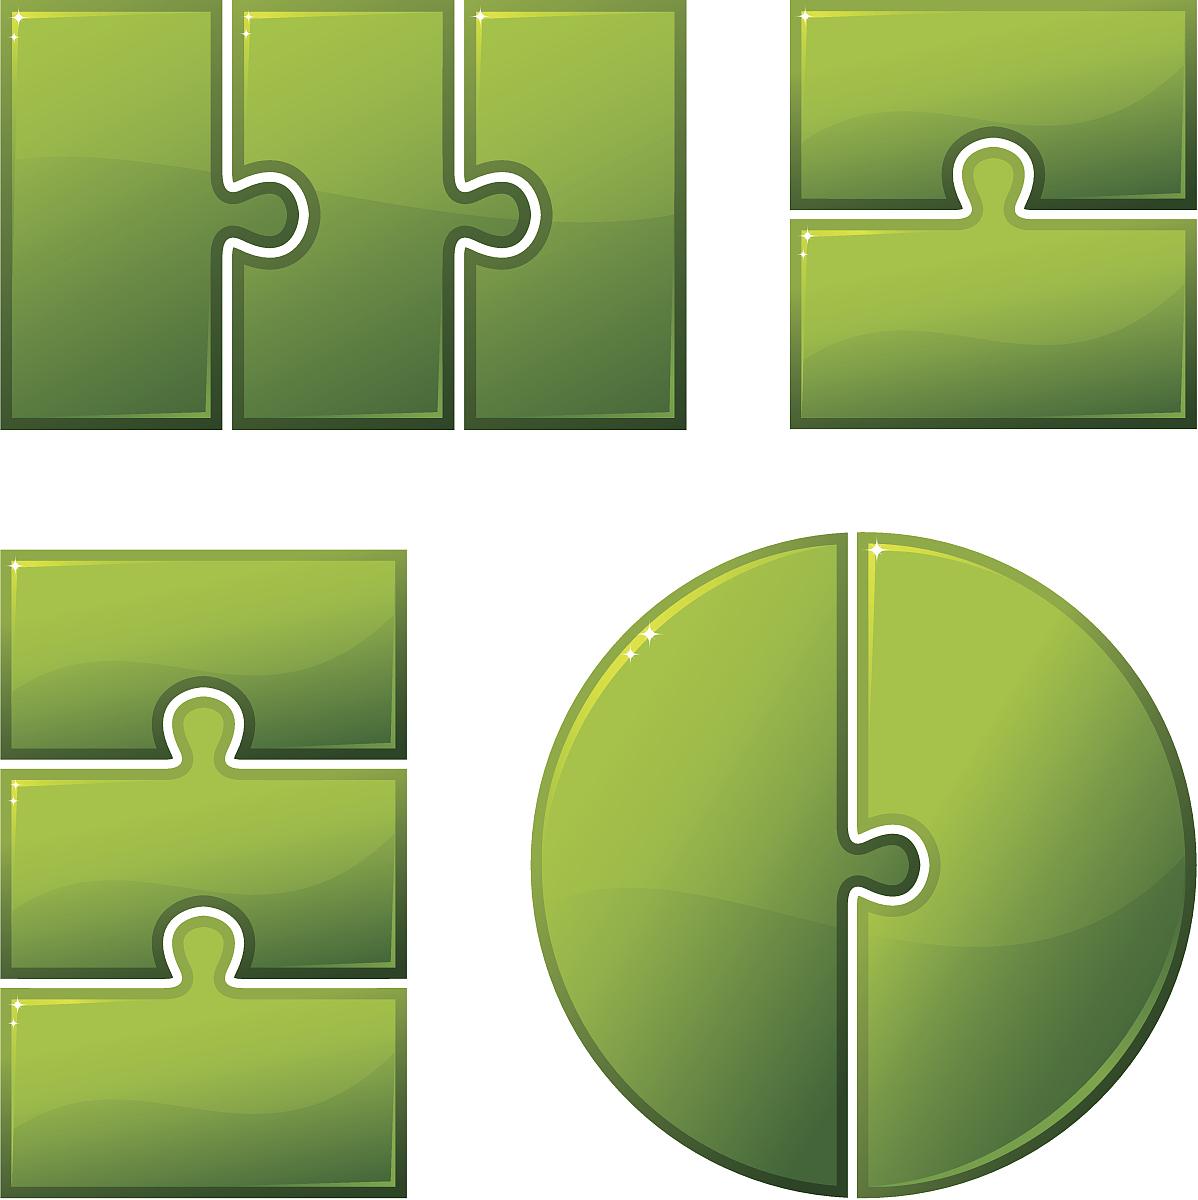 闪亮的,谜题游戏,形状,圆形,长方形,正方形,七巧板,拼图拼块,背景分离图片